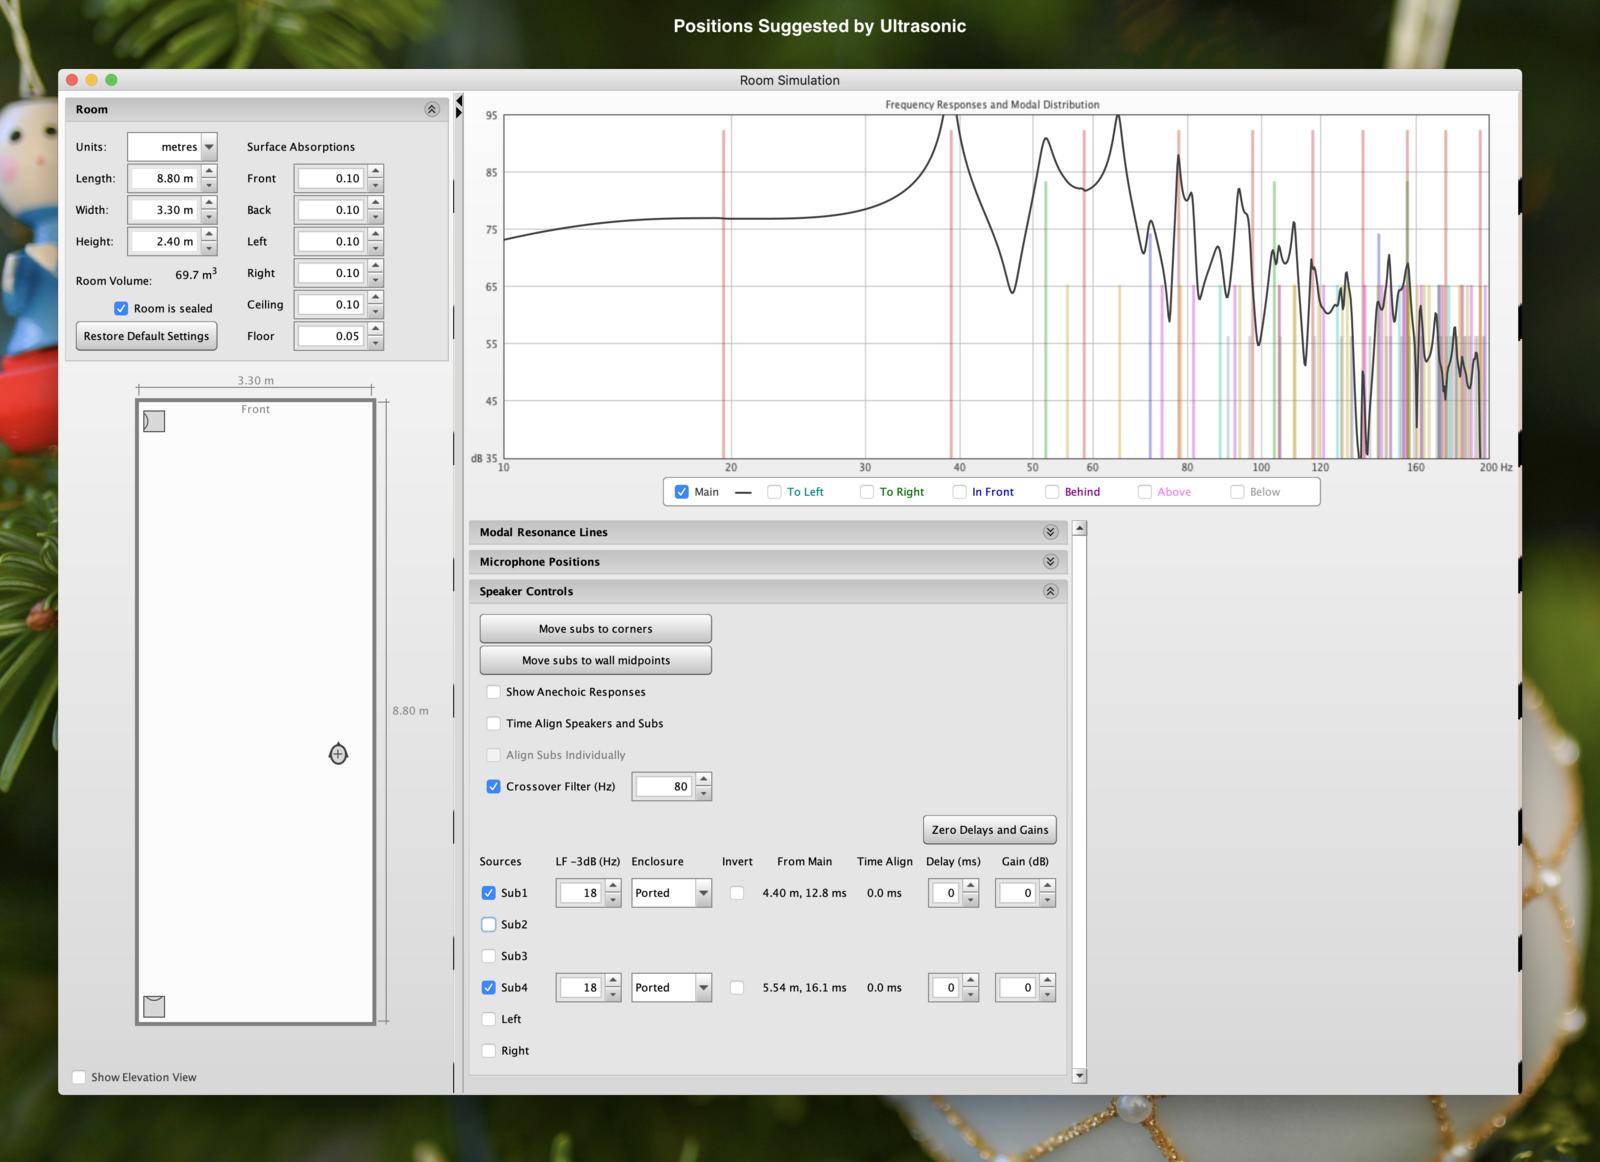 Screenshot 2021-01-30 at 12.35.44.png